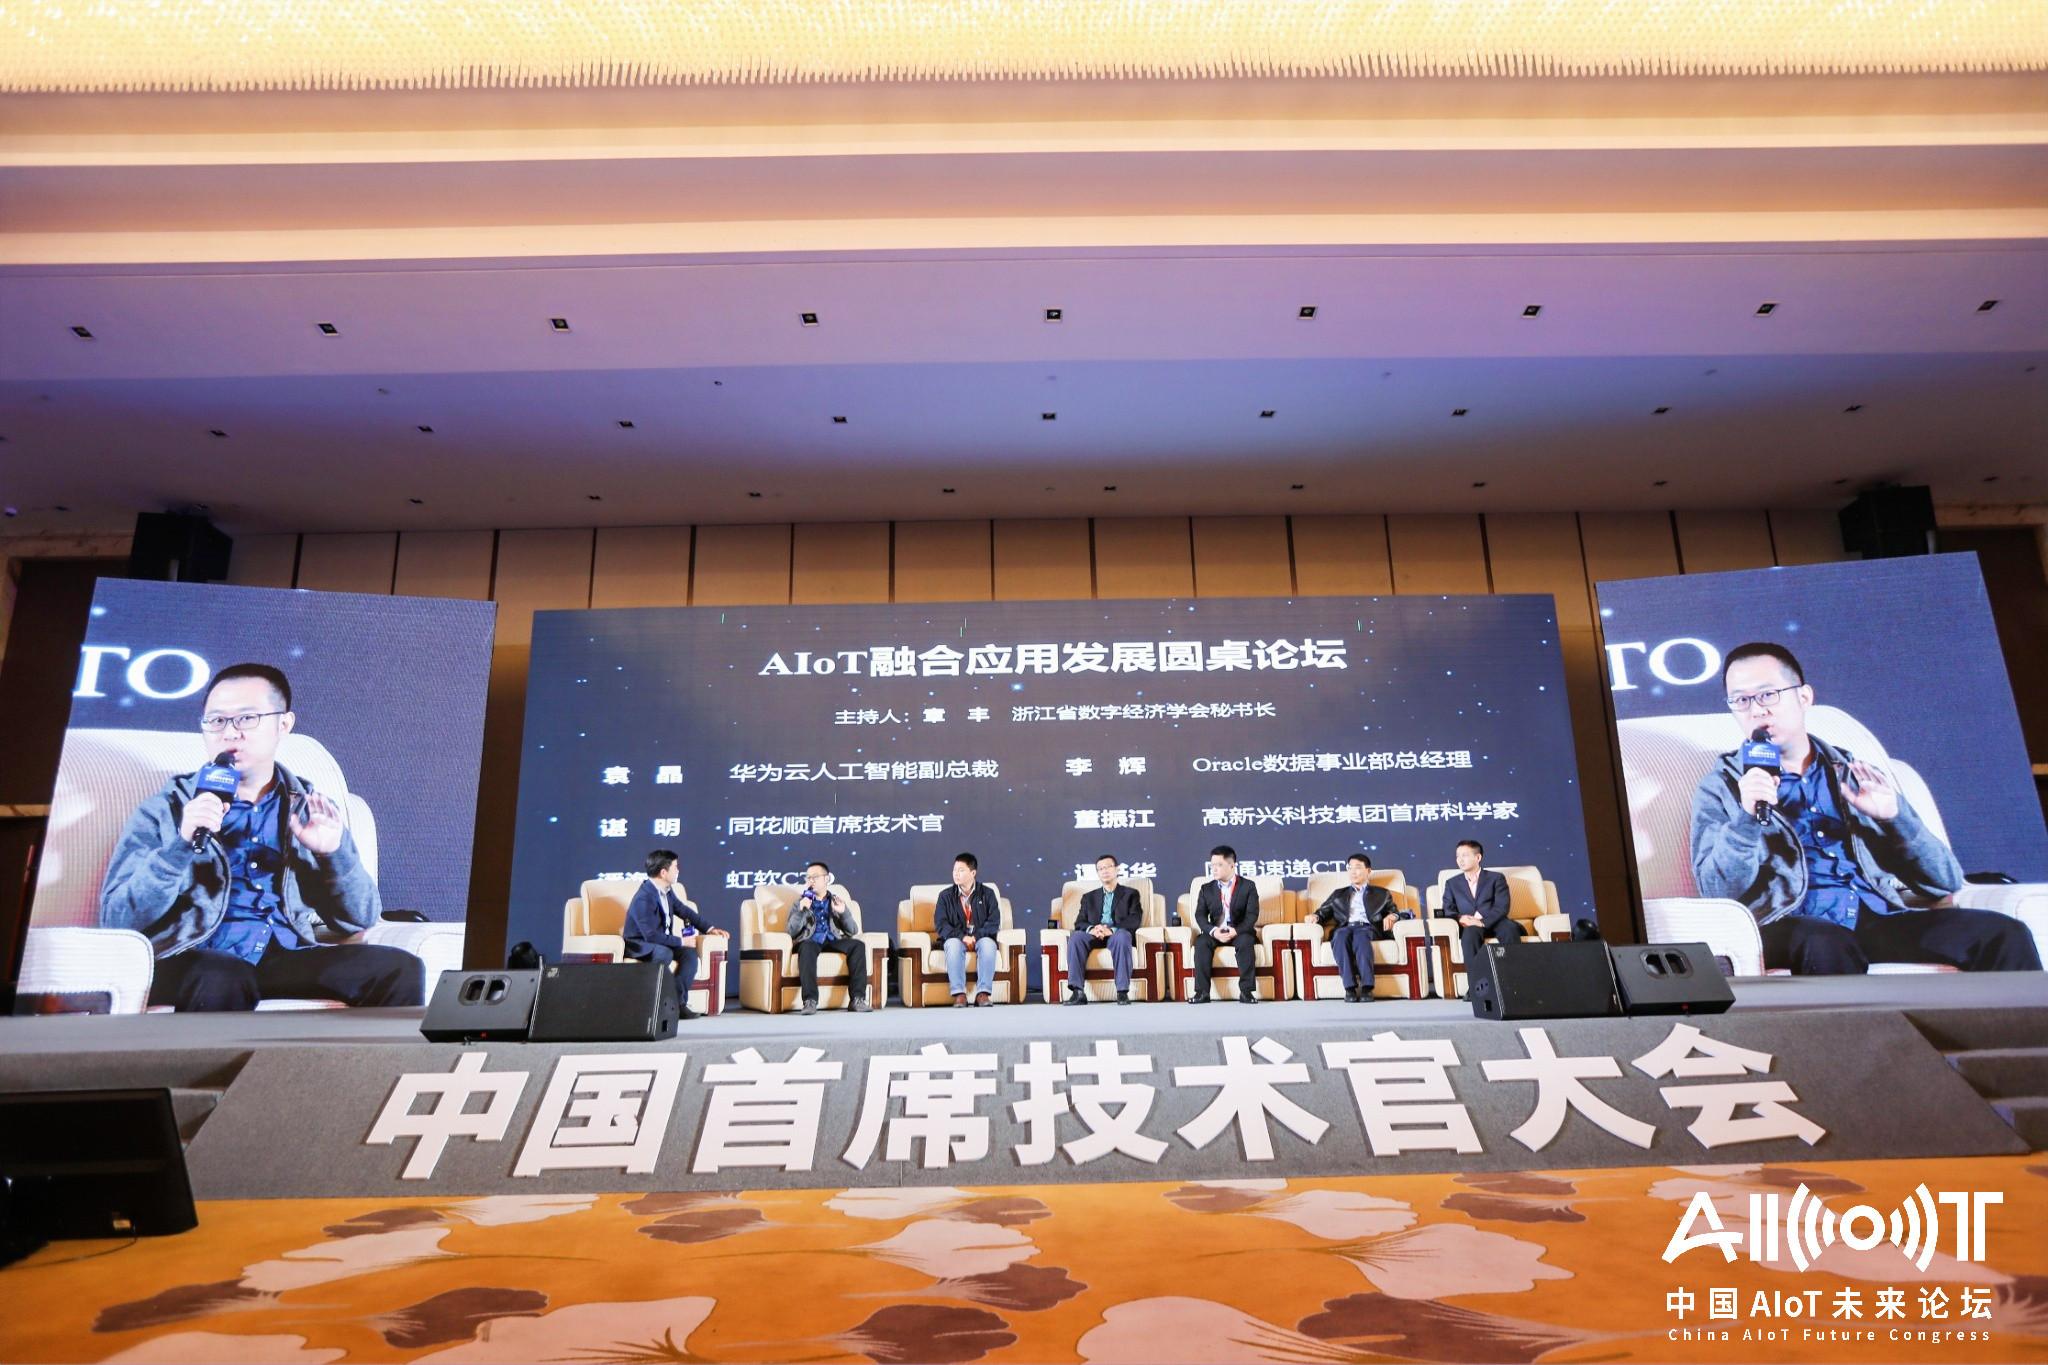 2020中国首席技术官大会暨中国AIoT未来论坛-9